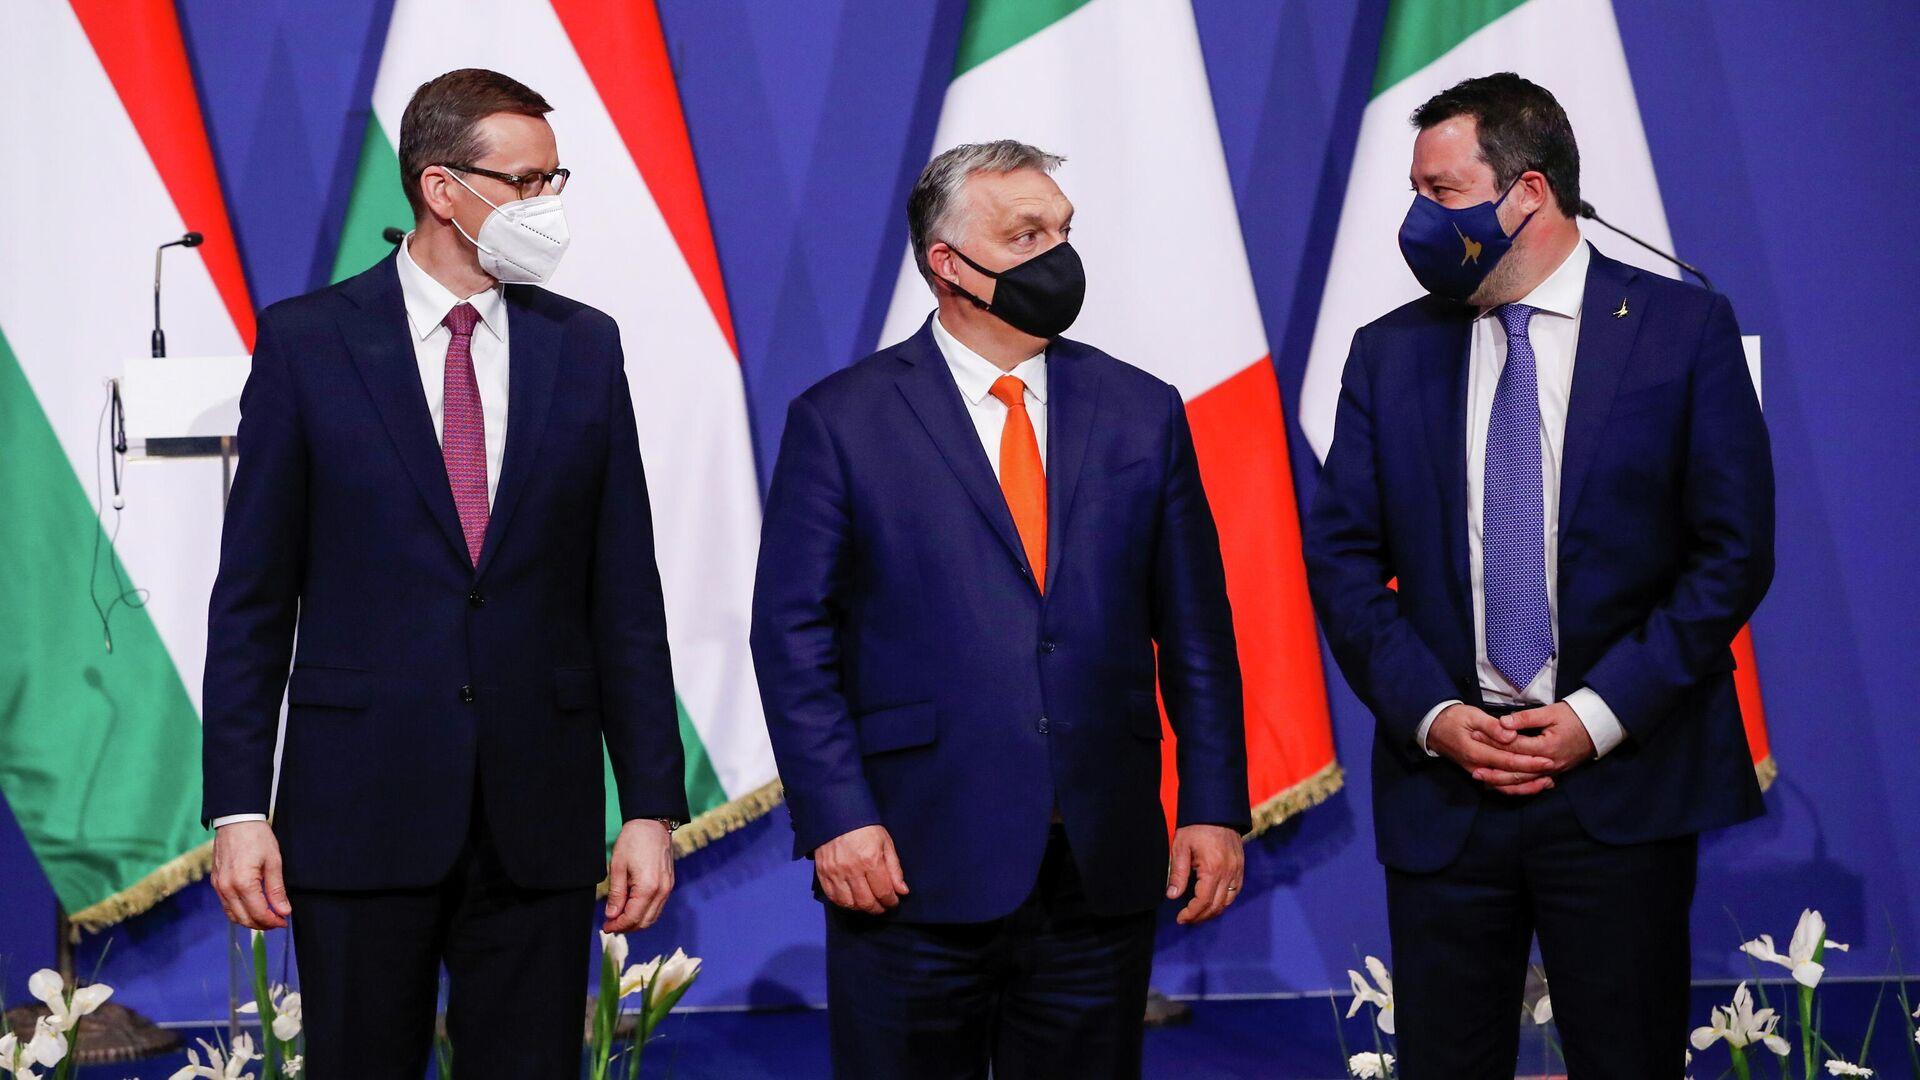 Премьер-министр Польши Матеуш Моравецки, премьер-министр Венгрии Виктор Орбан, лидер итальянской партии Лига Севера Маттео Сальвини на встрече в Будапеште - Sputnik Узбекистан, 1920, 10.04.2021